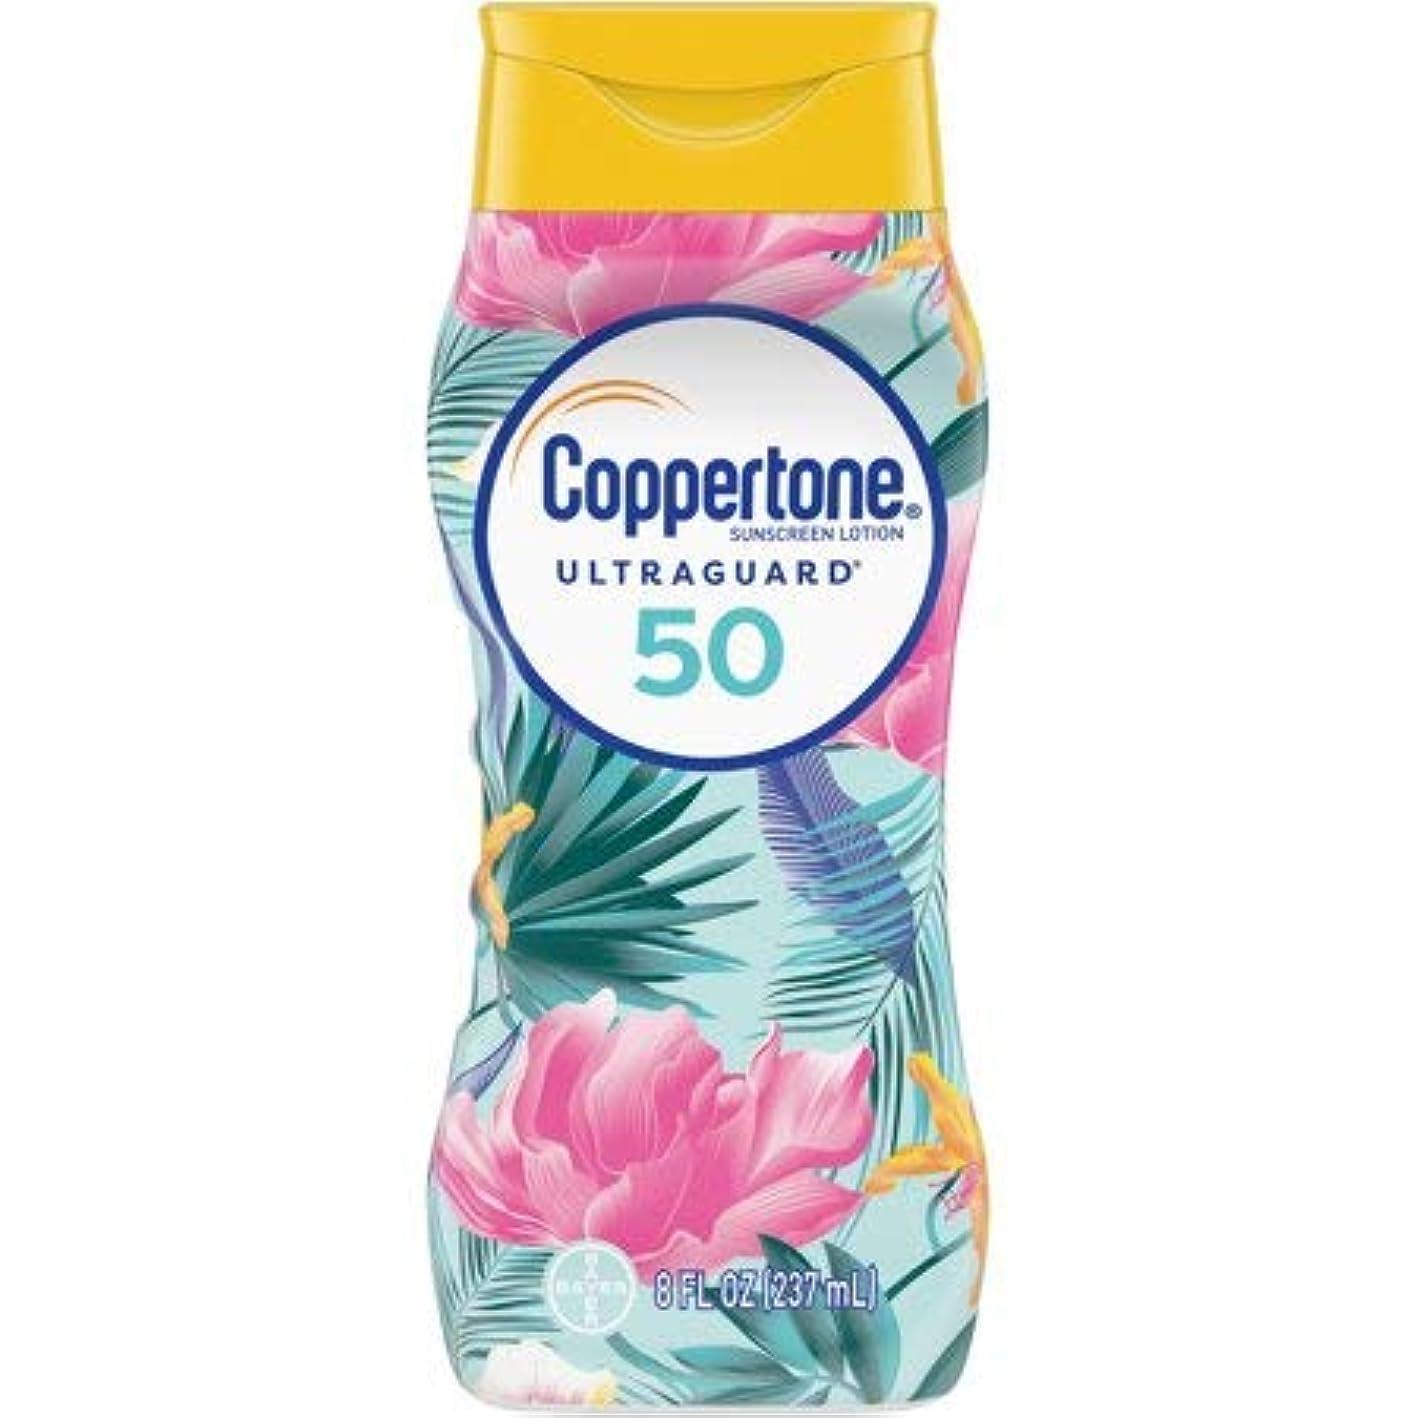 出費レギュラー心理的Coppertone Ultraguard日焼け止めローションSPF 50から8オンス、5パック